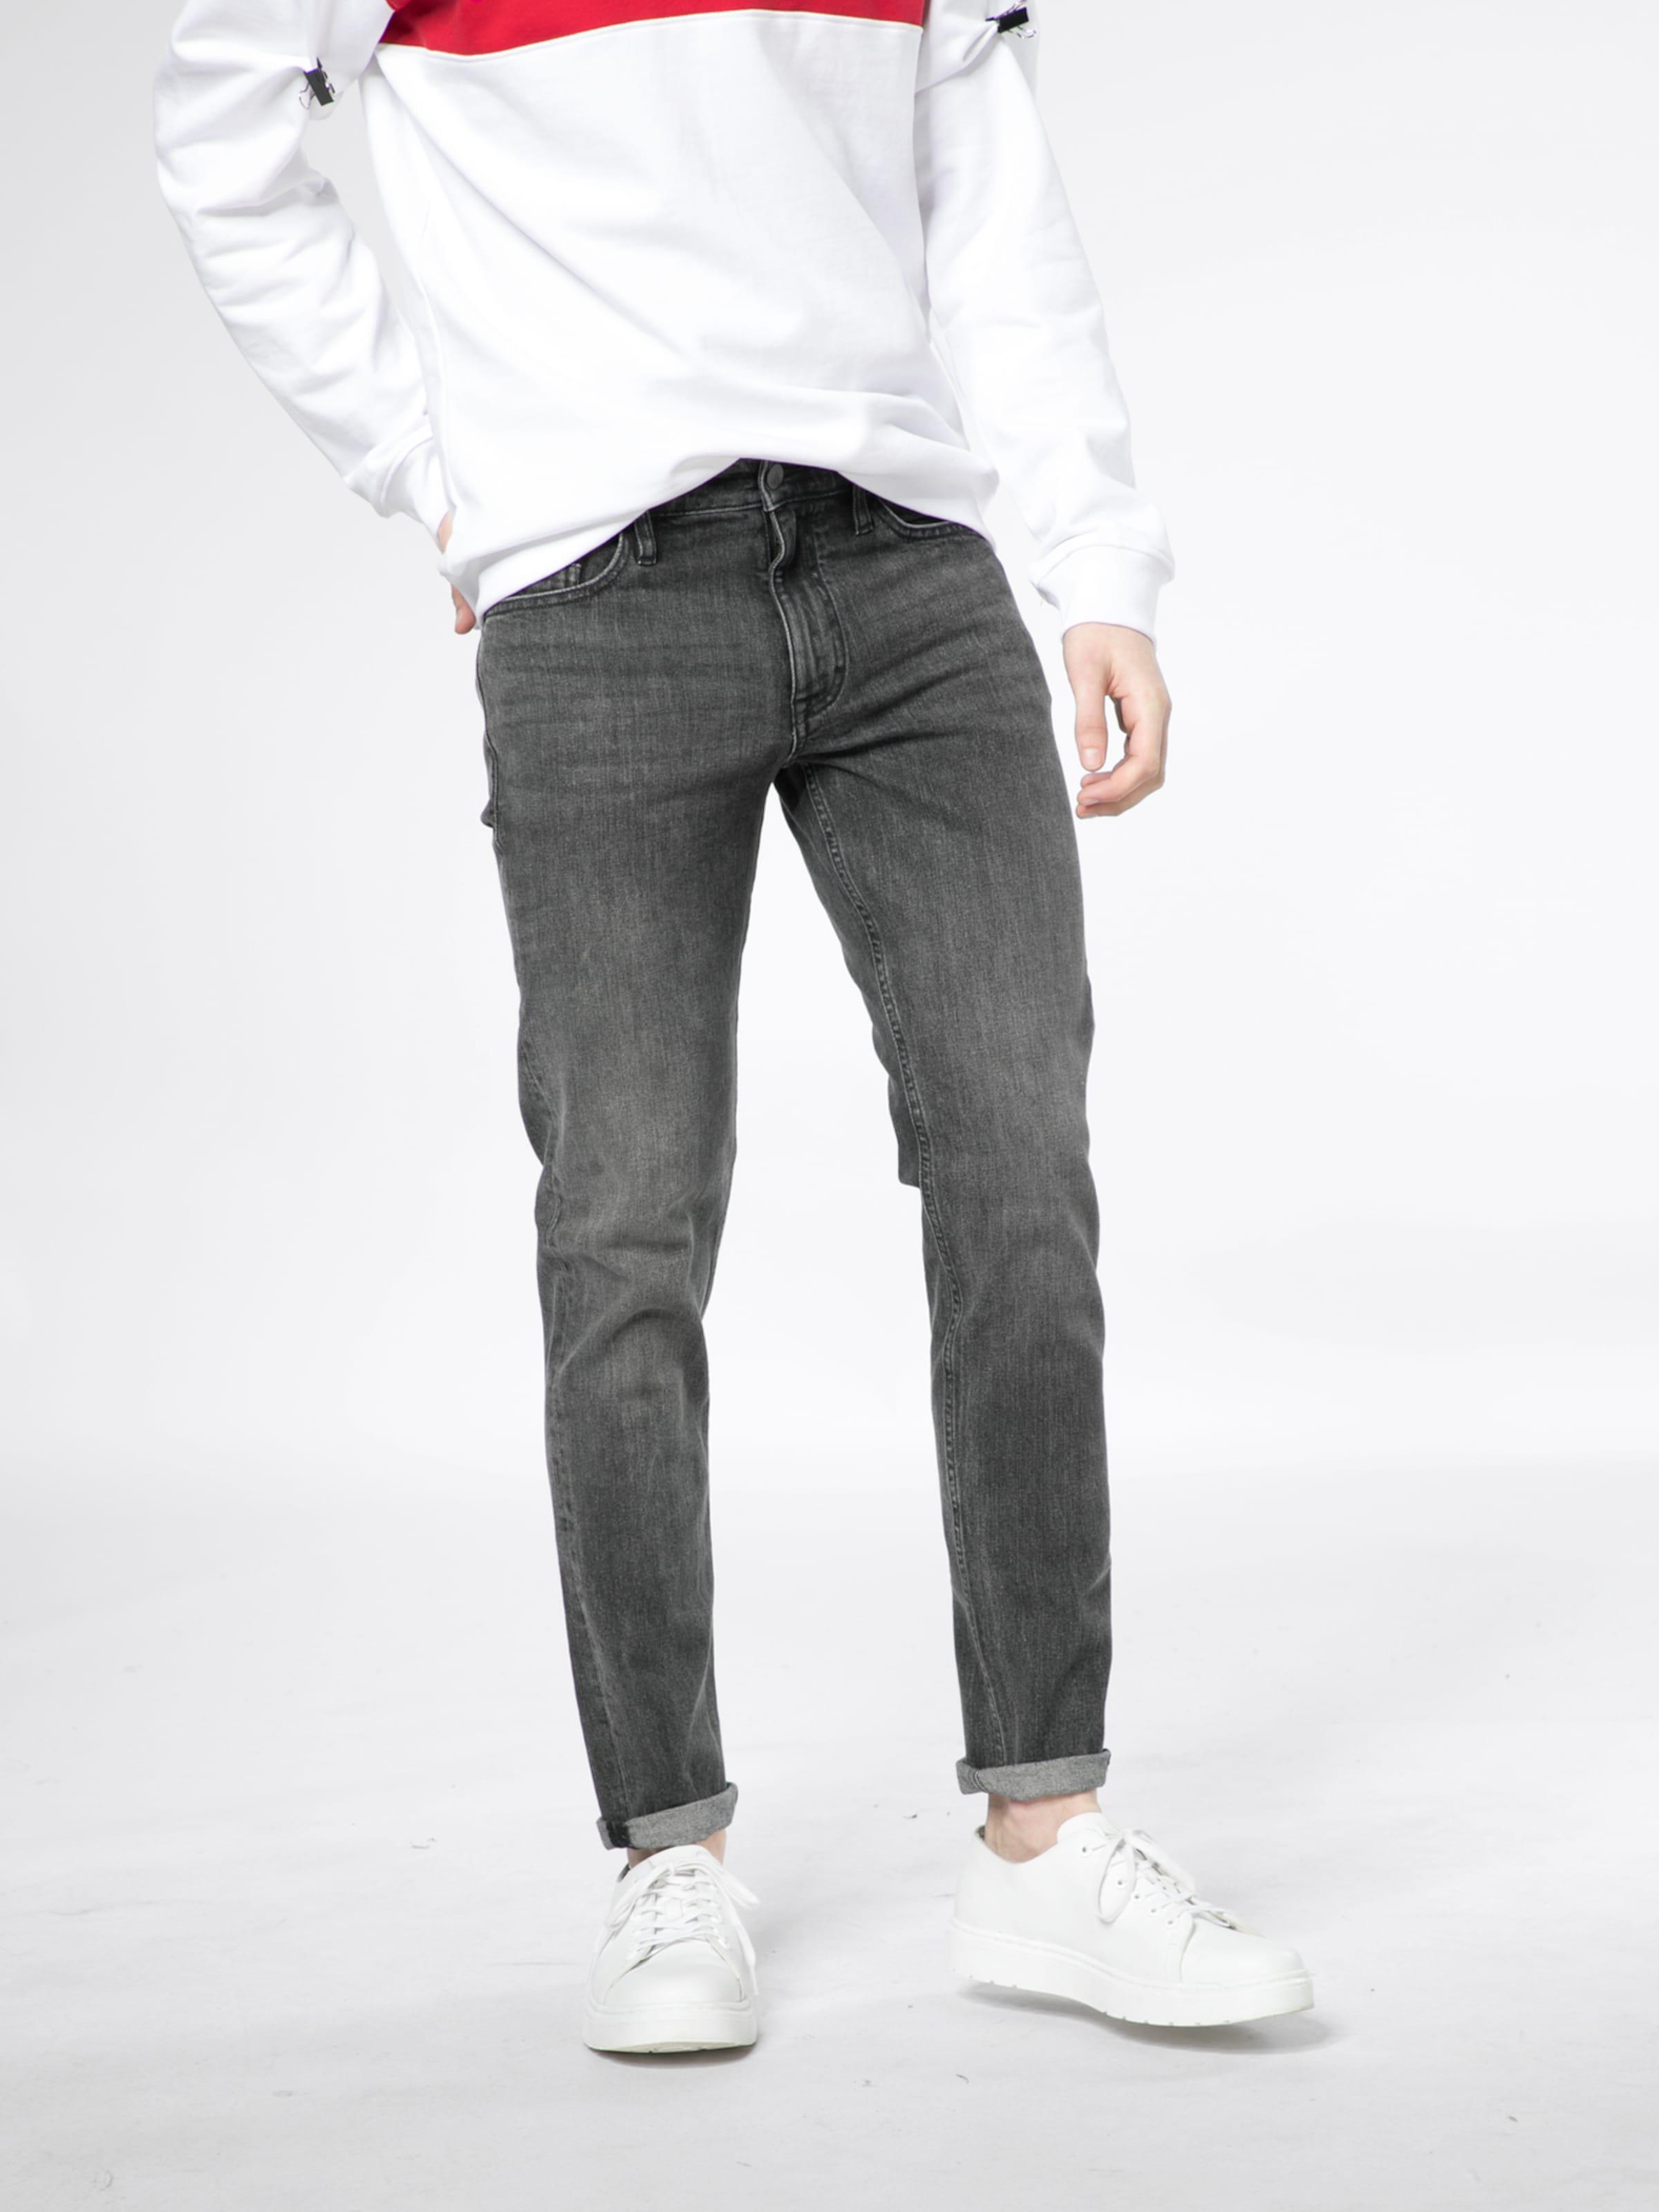 Steckdose Countdown-Paket Wirklich Billige Schuhe Online Calvin Klein Jeans Jeans 'SKINNY-CURTIS BLACK CMF' Billig Verkauf Neuesten Kollektionen Kostengünstig q5hWs9